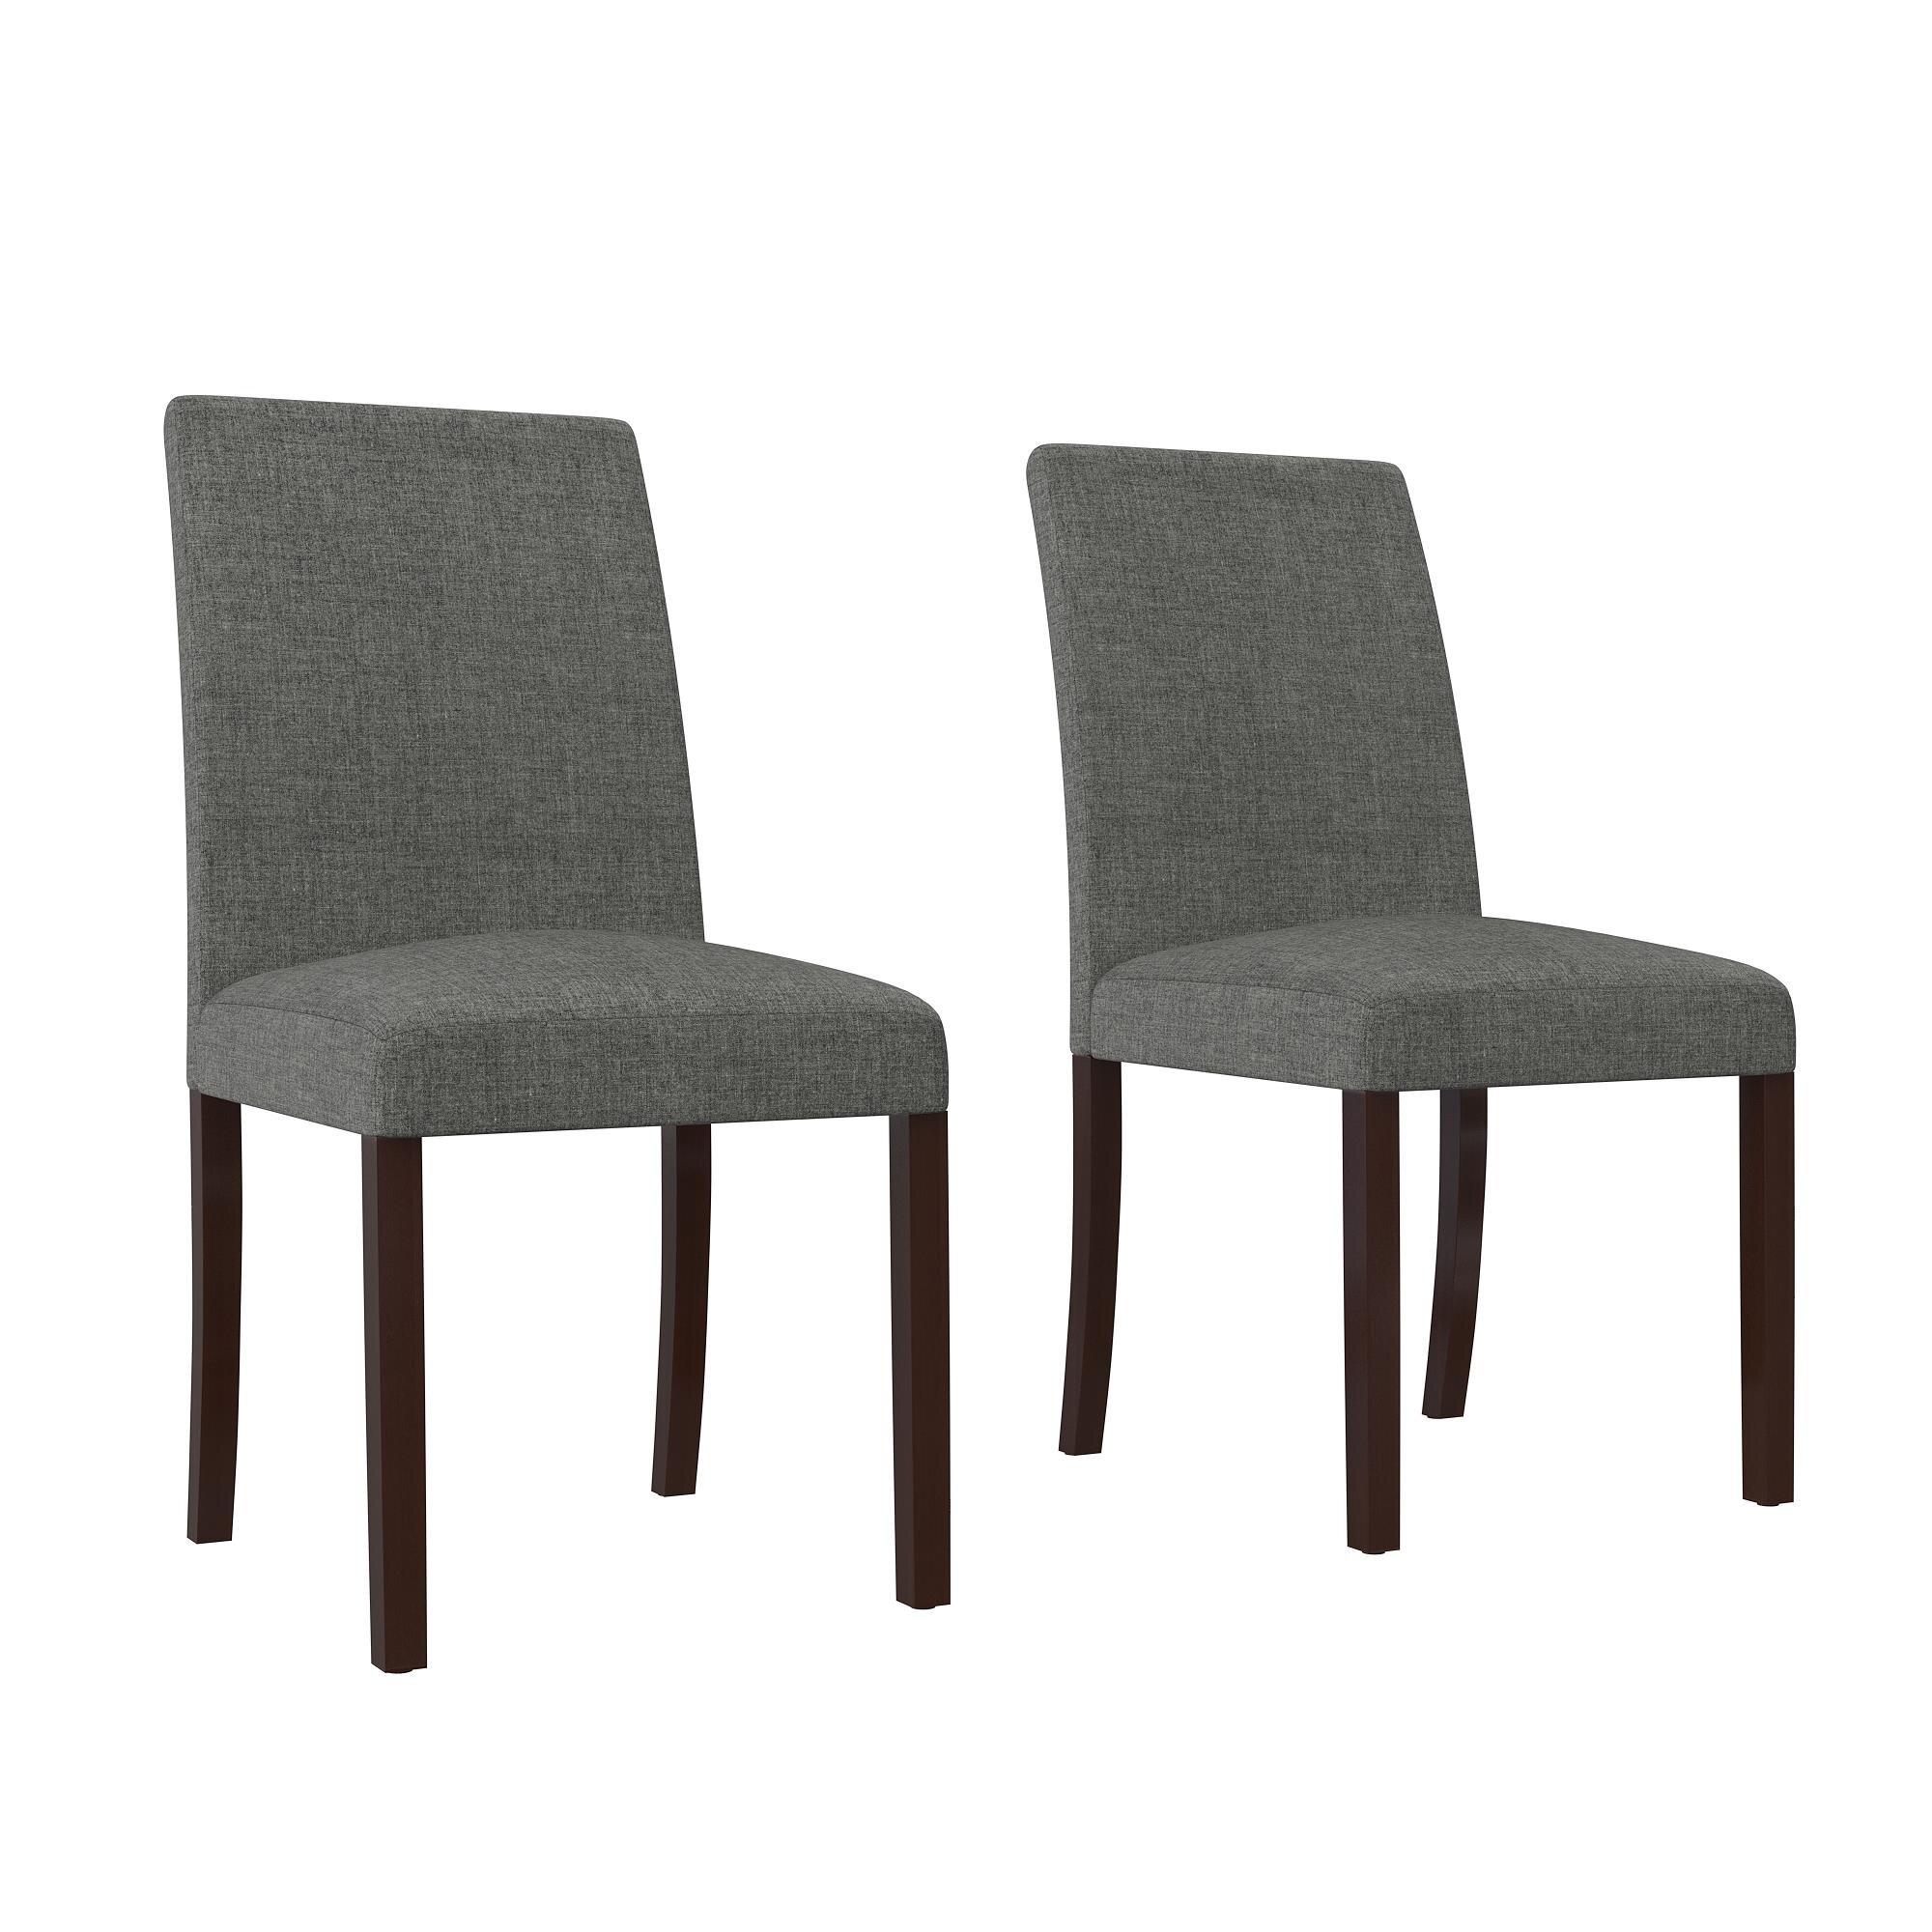 Alcott Hill Satchell Linen Upholstered Dining Chair Reviews Wayfair